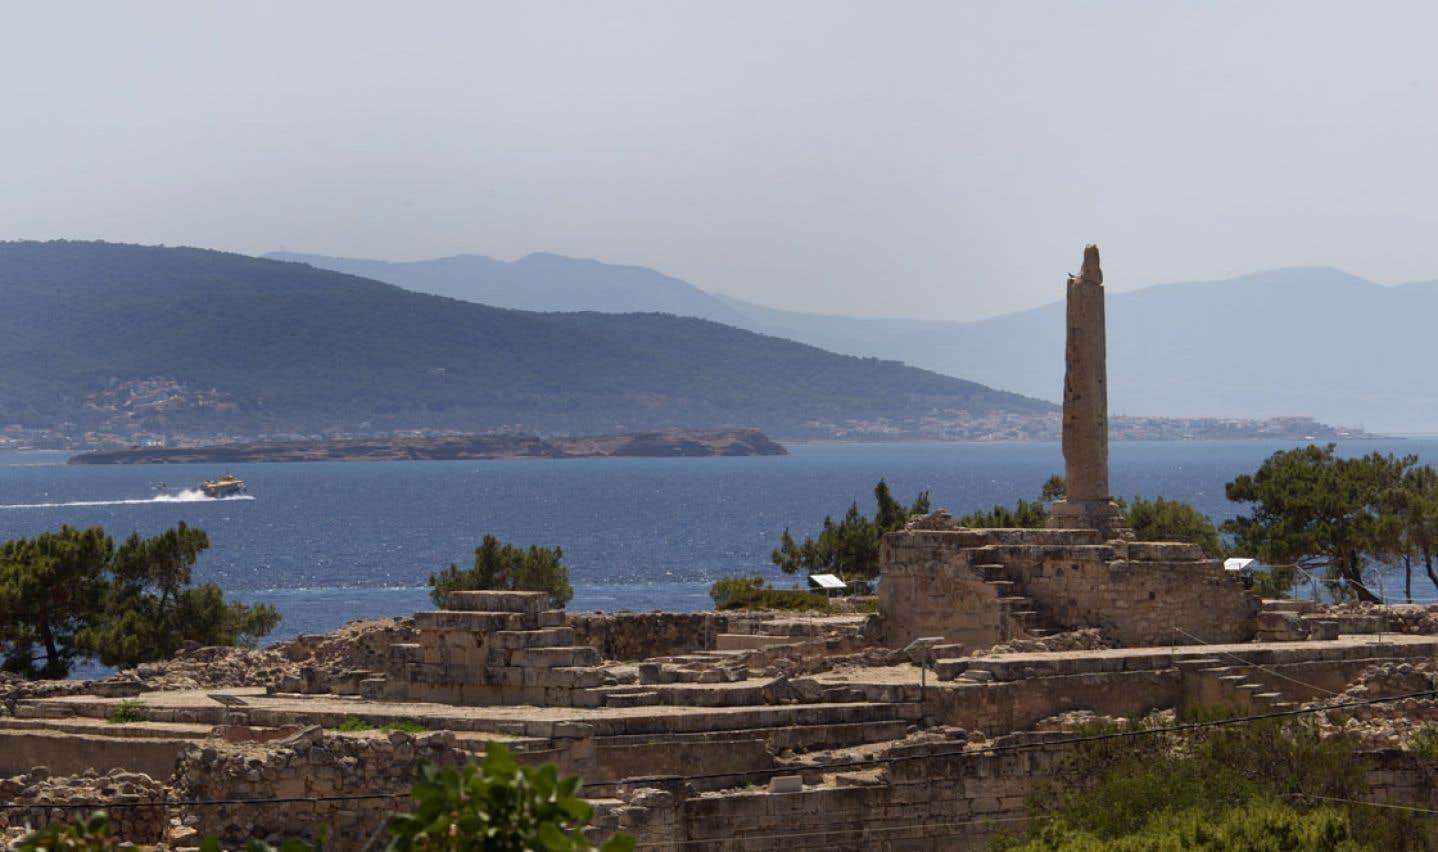 L'école d'été de l'UQAM offre la chance aux étudiants de voyager dans le pays où ils suivent des cours, comme ici en Grèce.